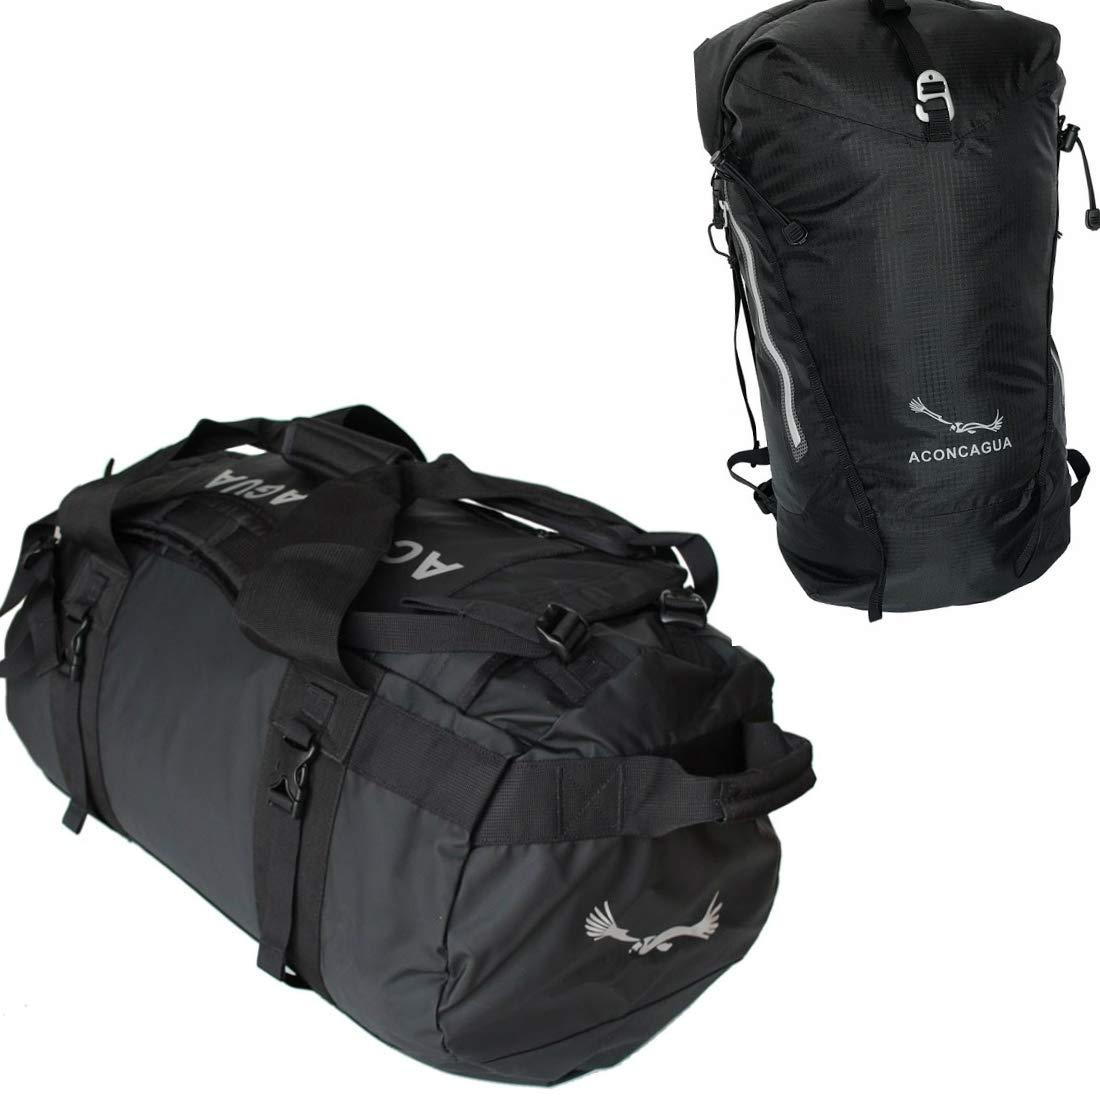 アコンカグア 選べるバッグ2点セット Tigre(ティグレ)と小さいリュック  ブラック防水 B07QMSNBPW